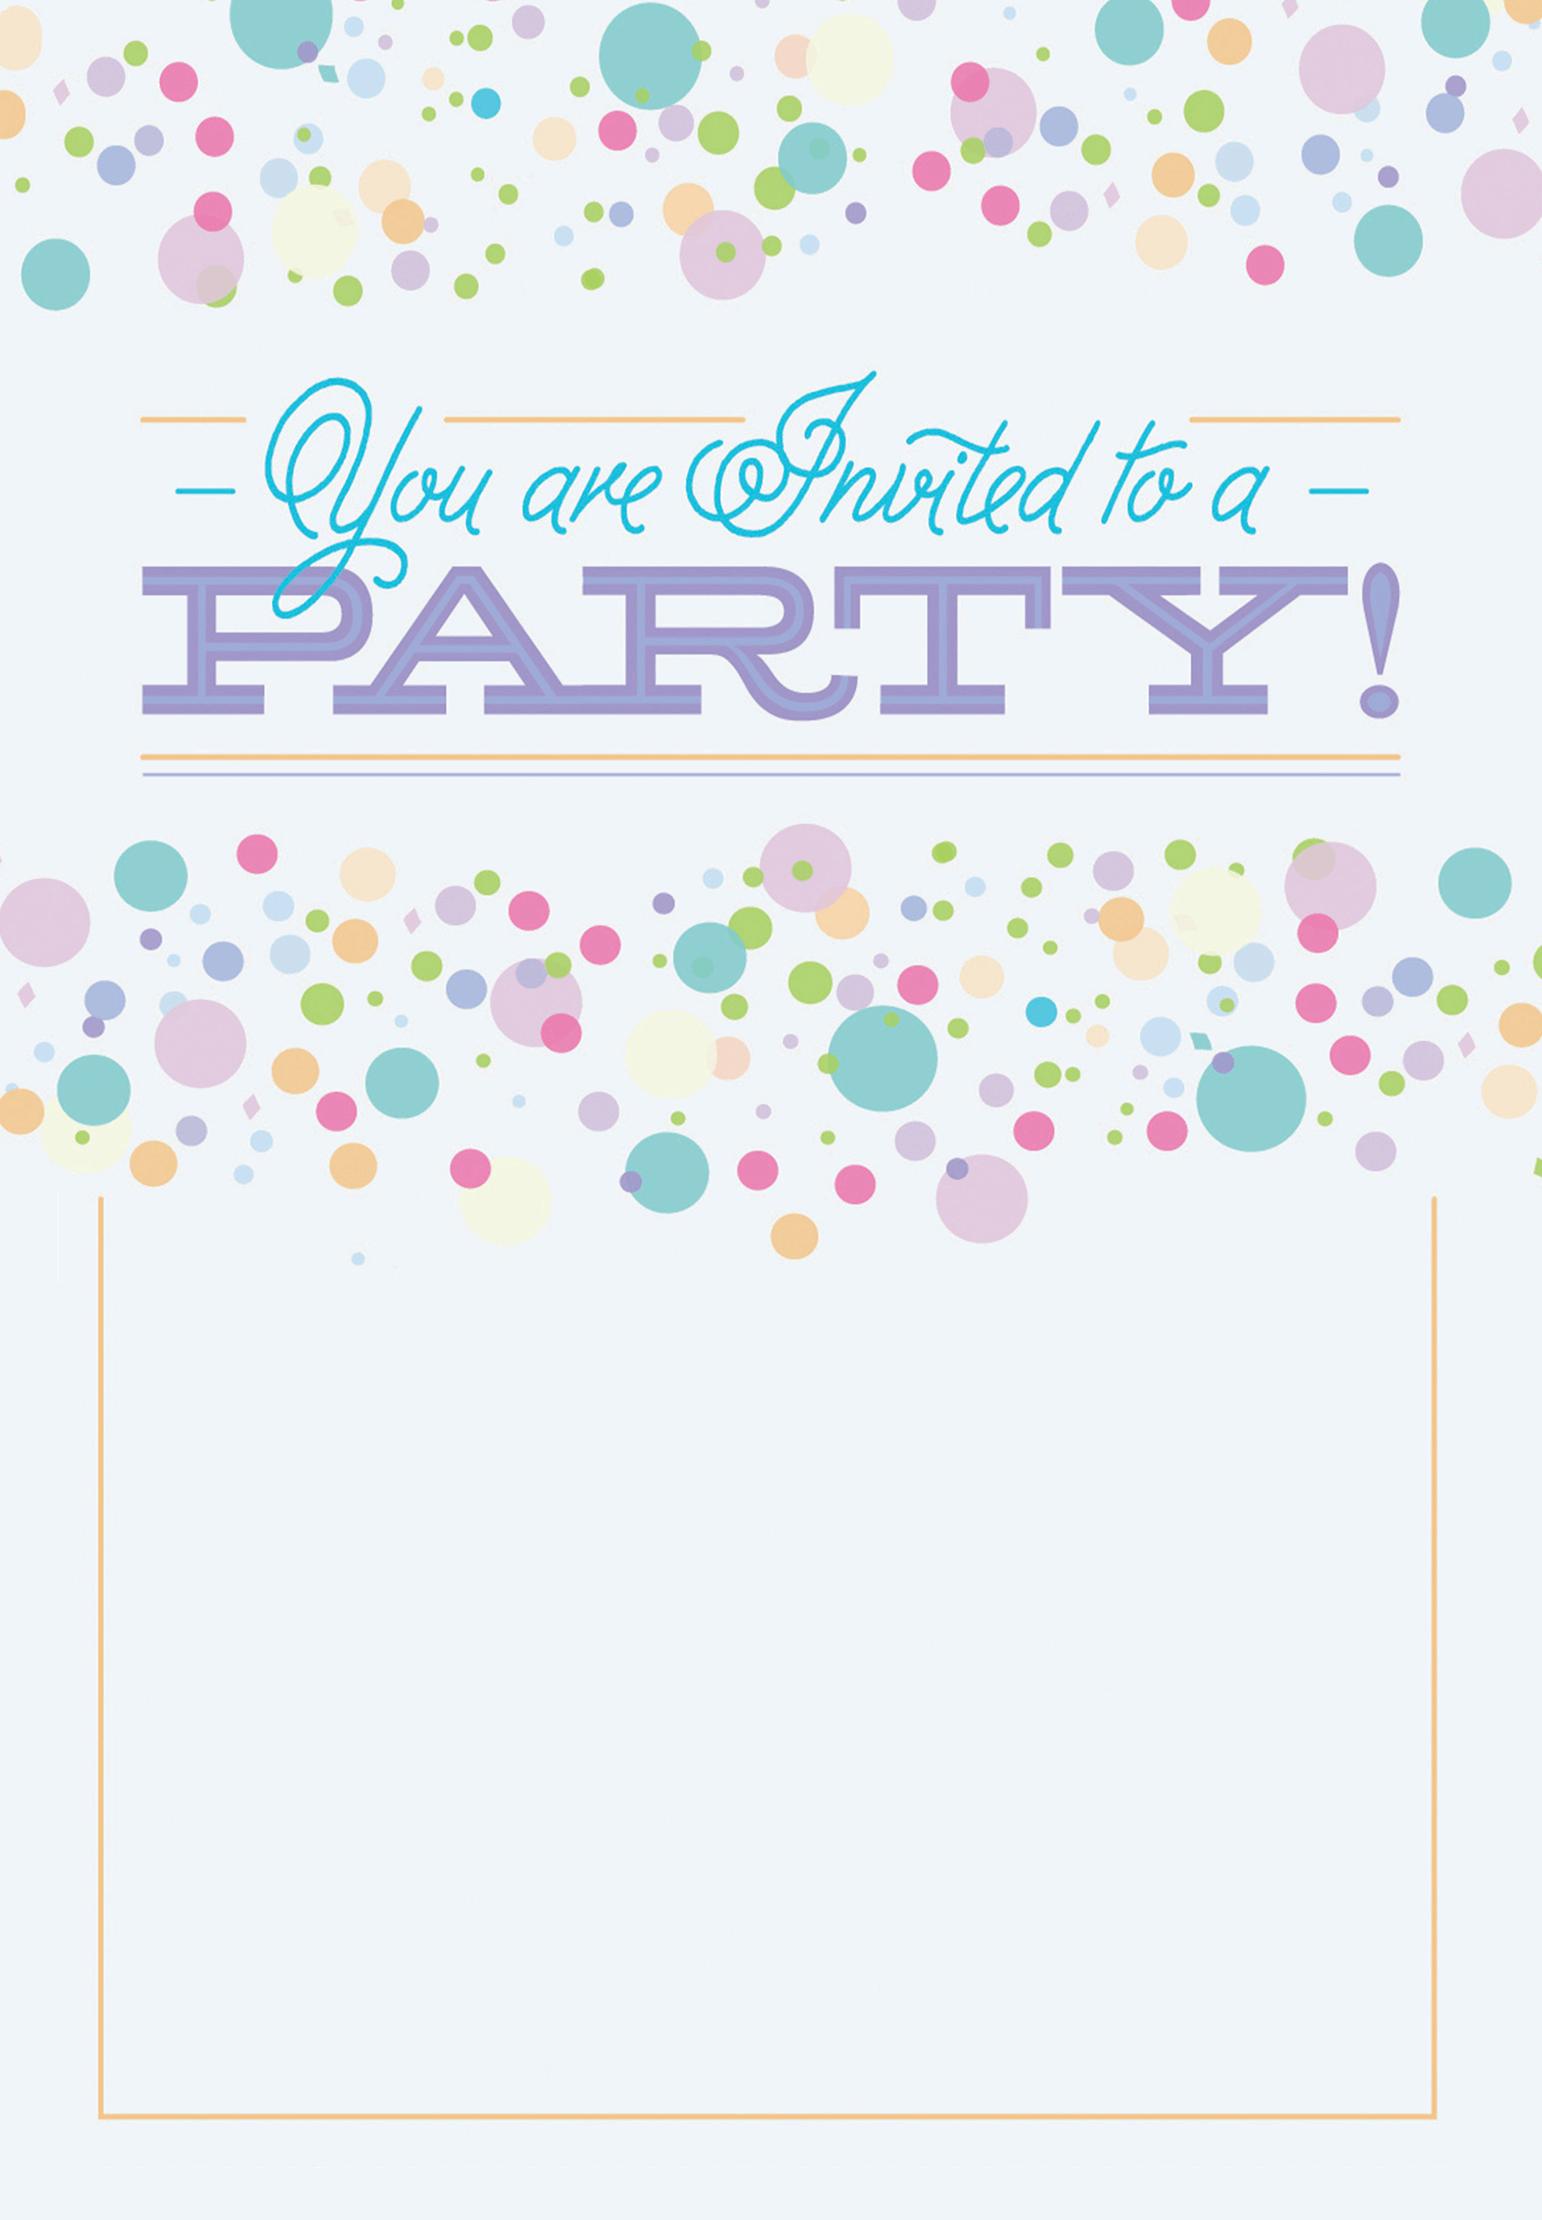 polka dots free printable party